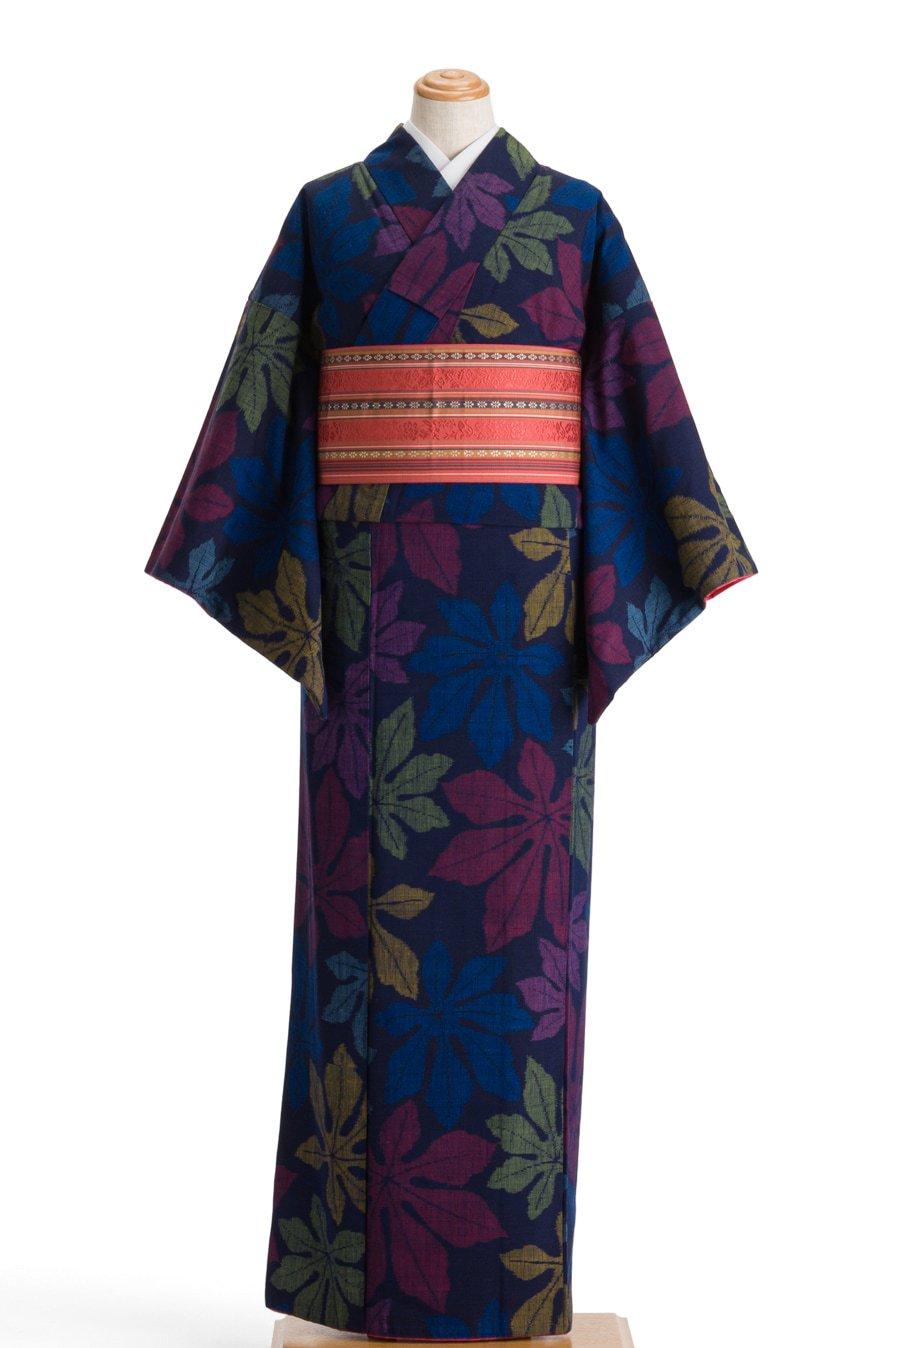 「紬 カラフルなヤツデ」の商品画像